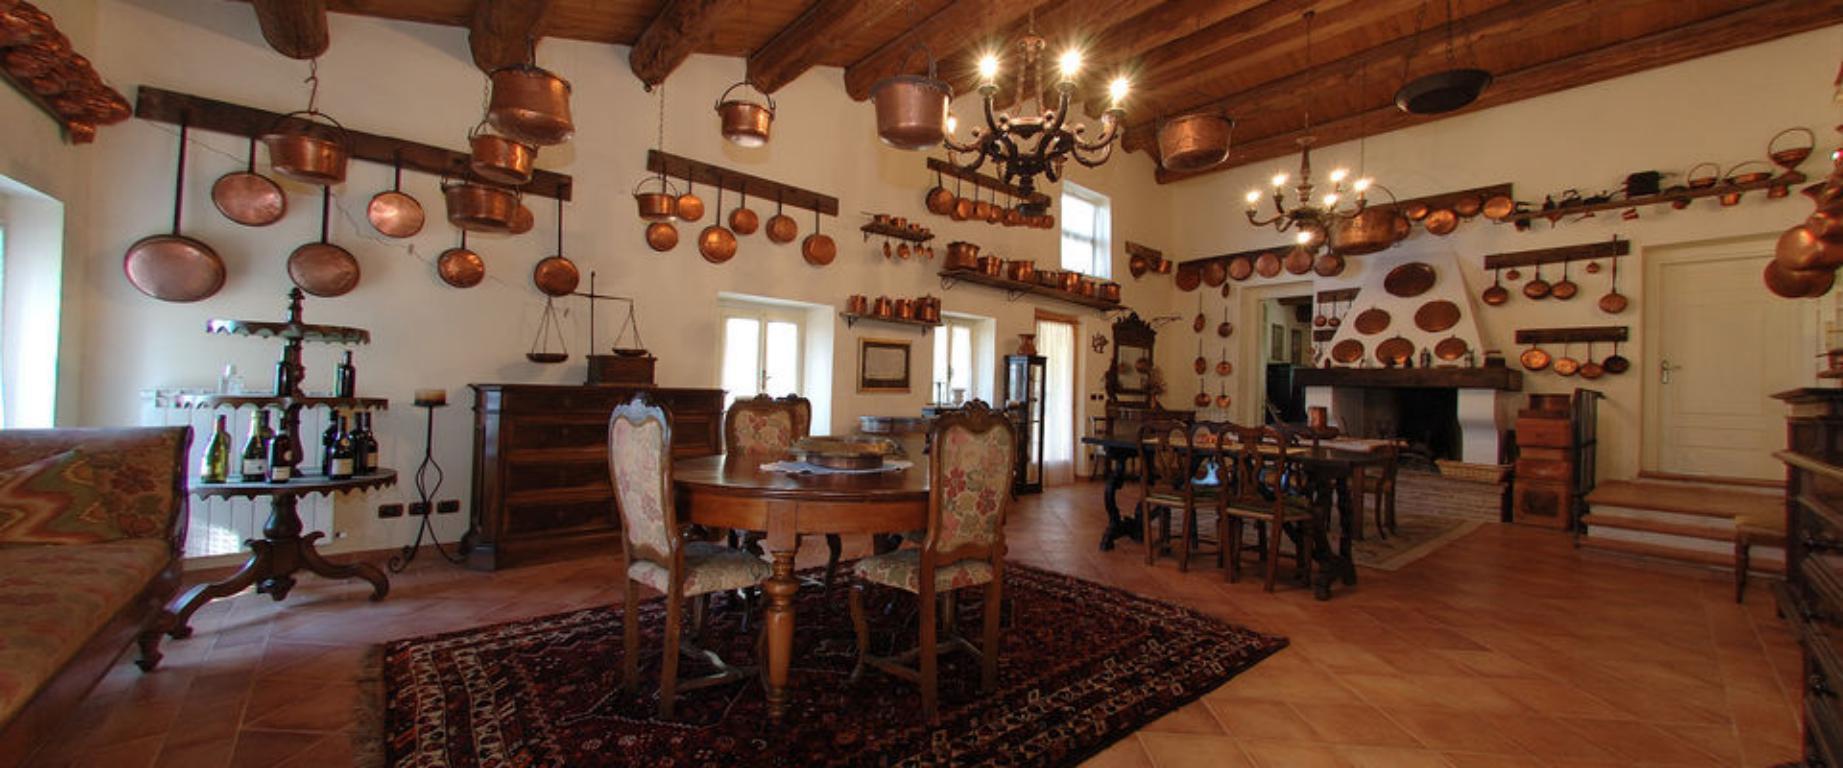 villa nobiliare  (1).jpg